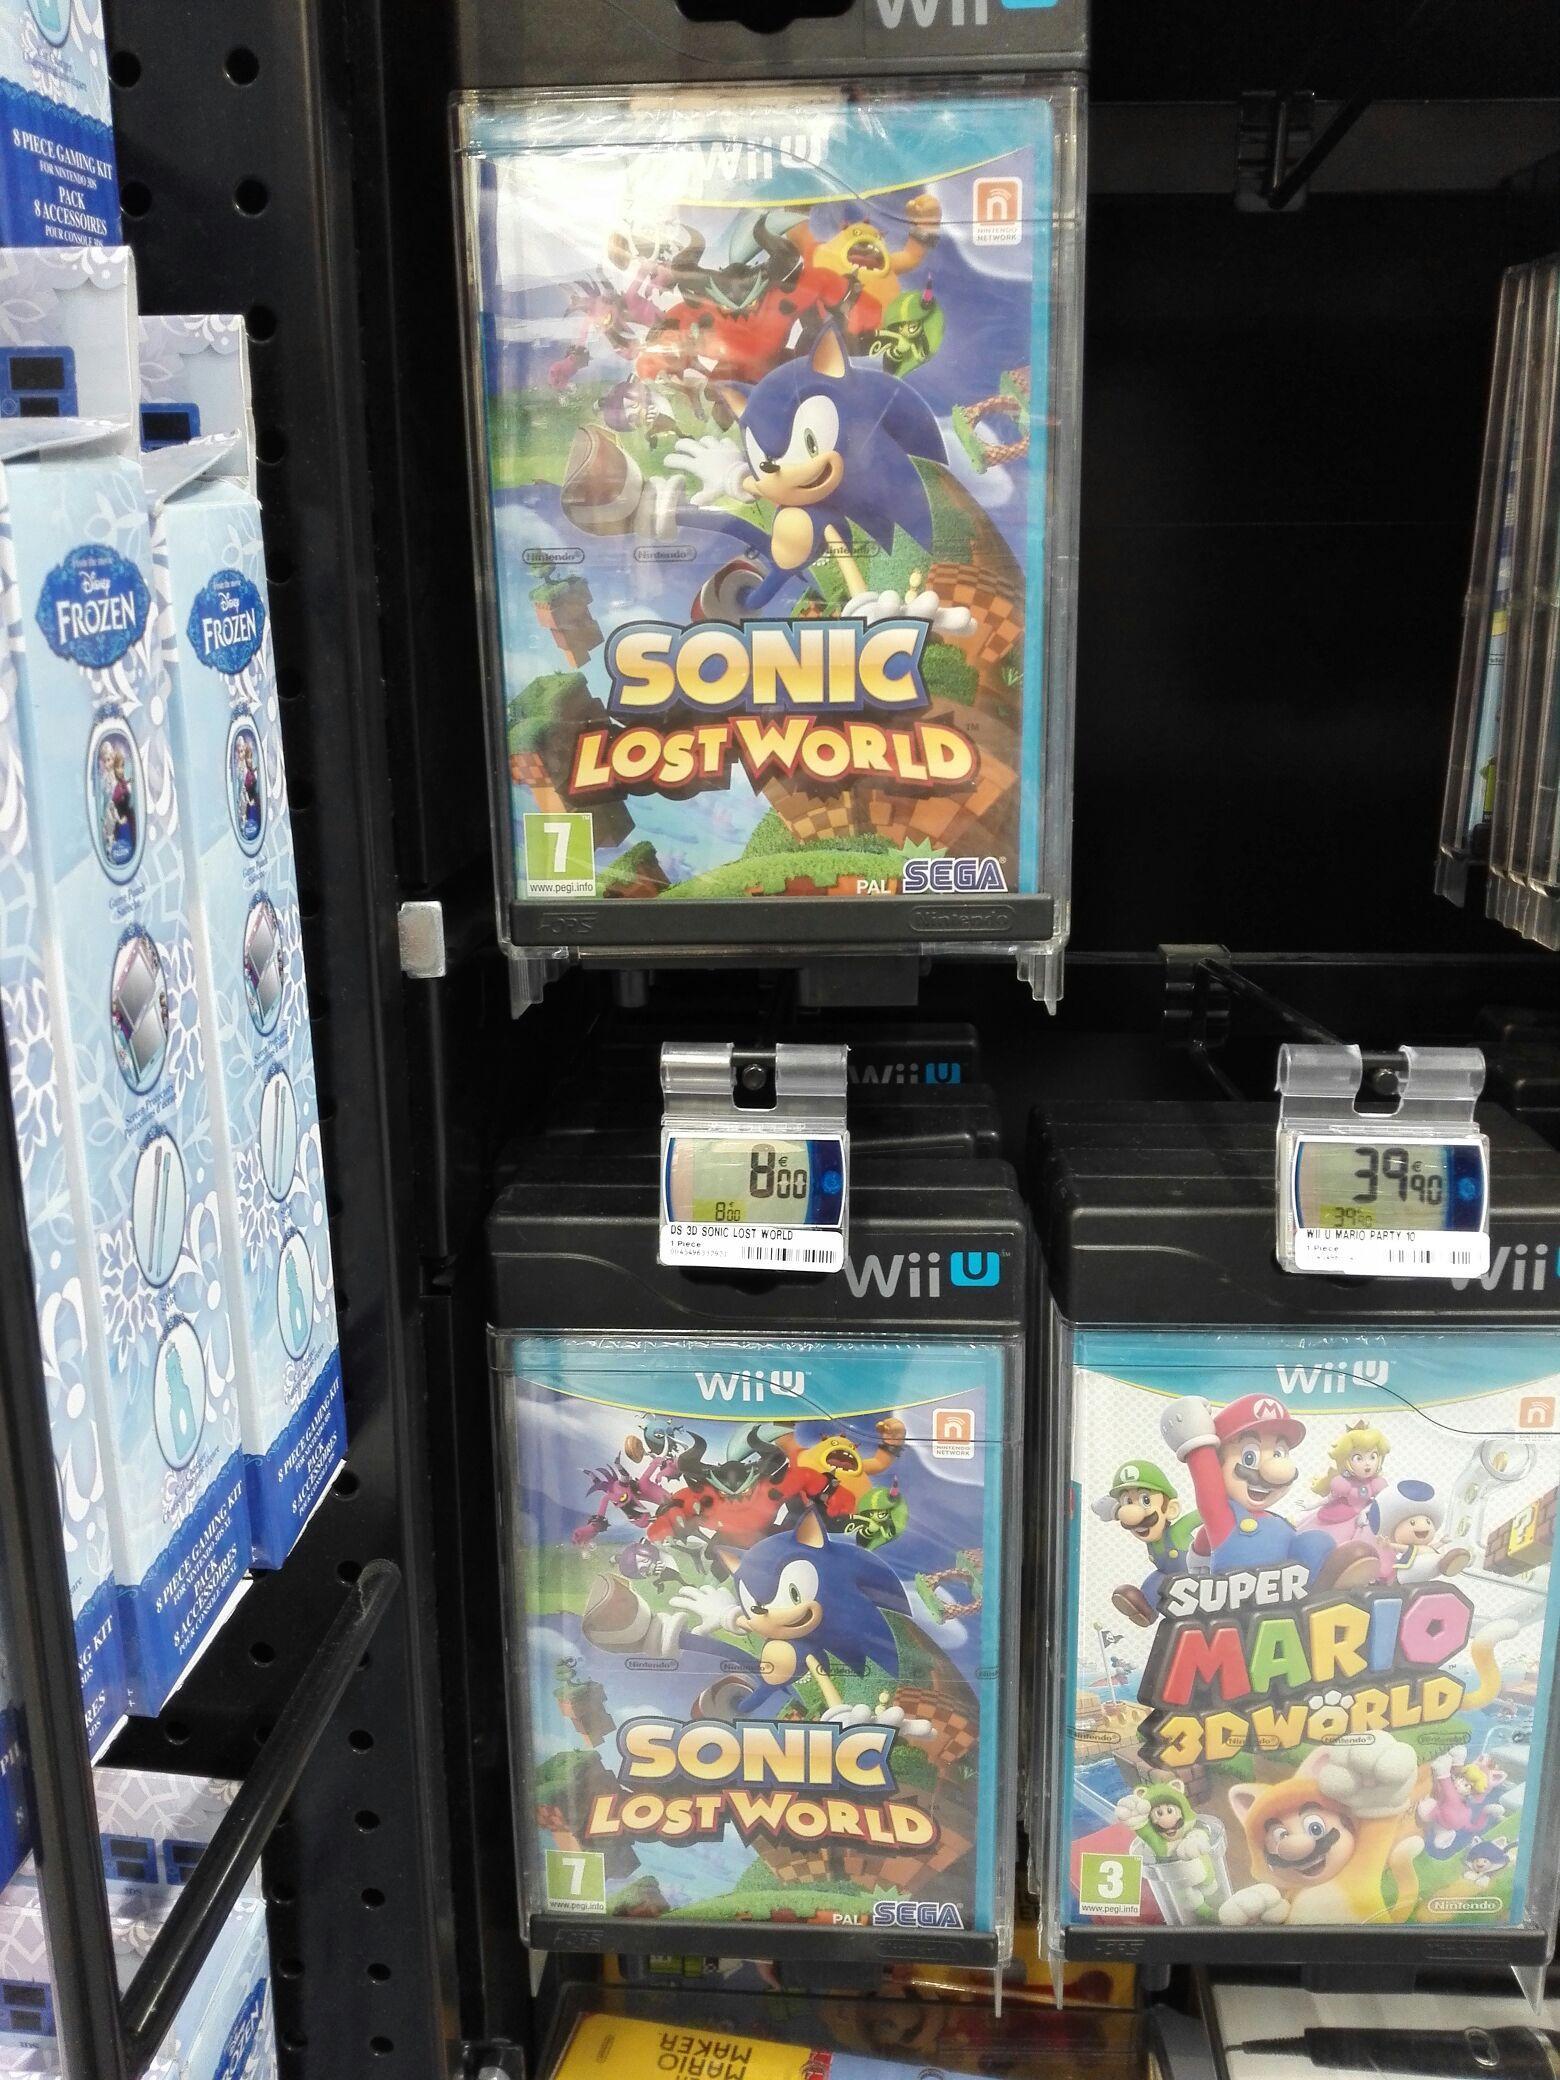 Sonic Lost World sur Nintendo Wii U